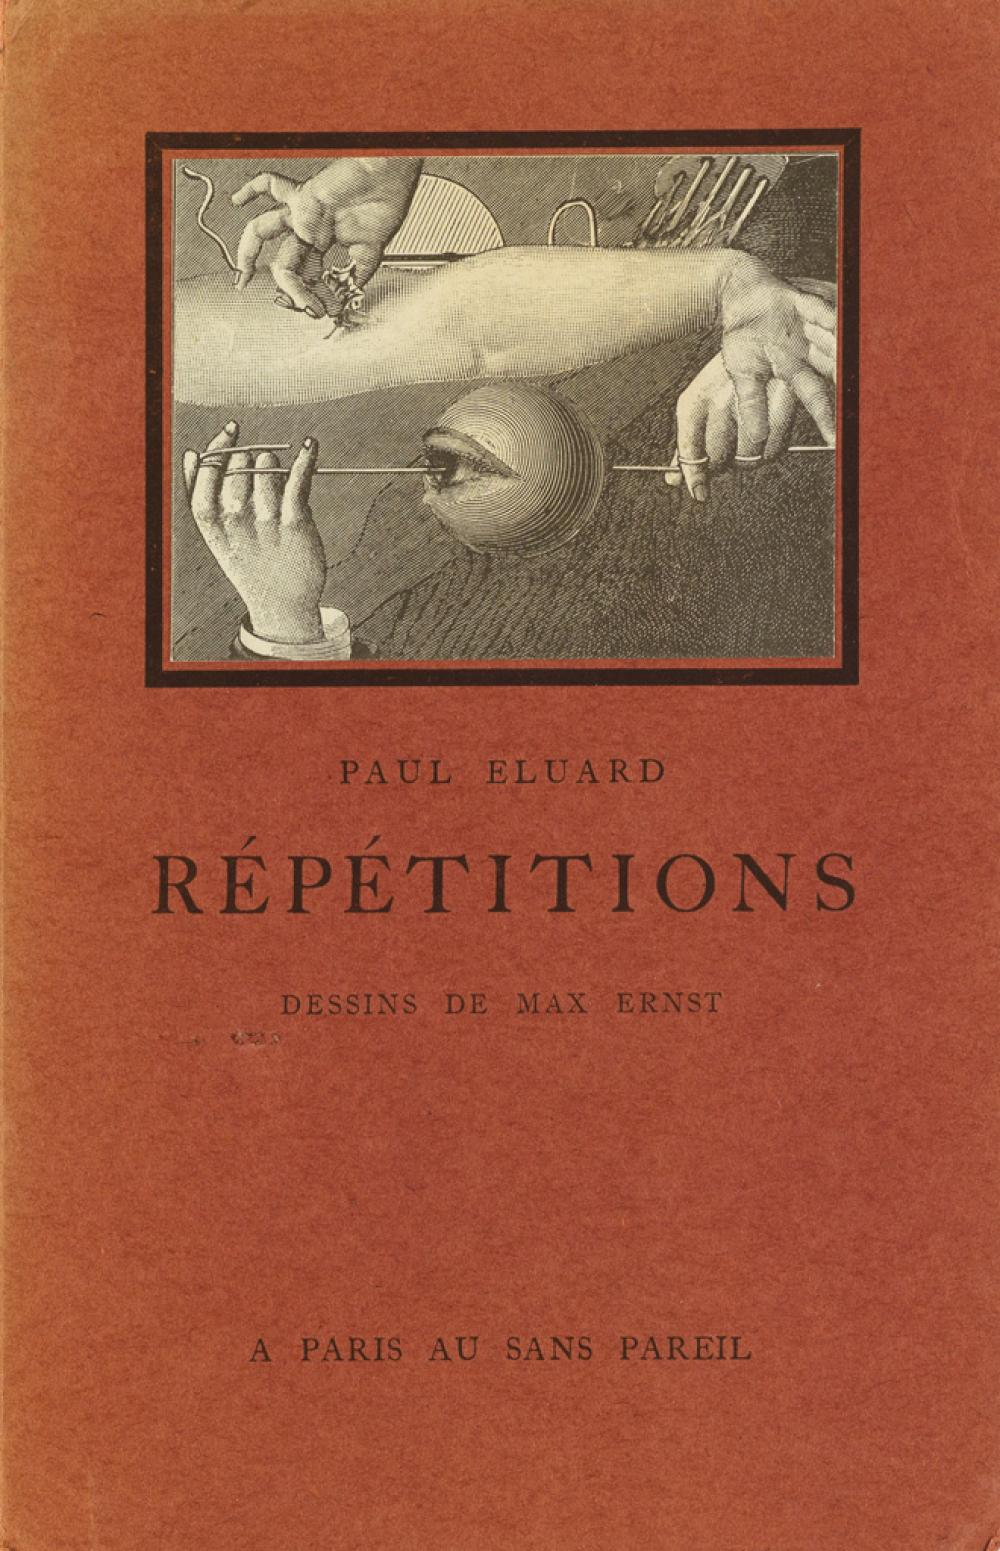 (SURREALISM.) Ernst, Max and Eluard, Paul. Répétitions. Dessins de Max Ernst.